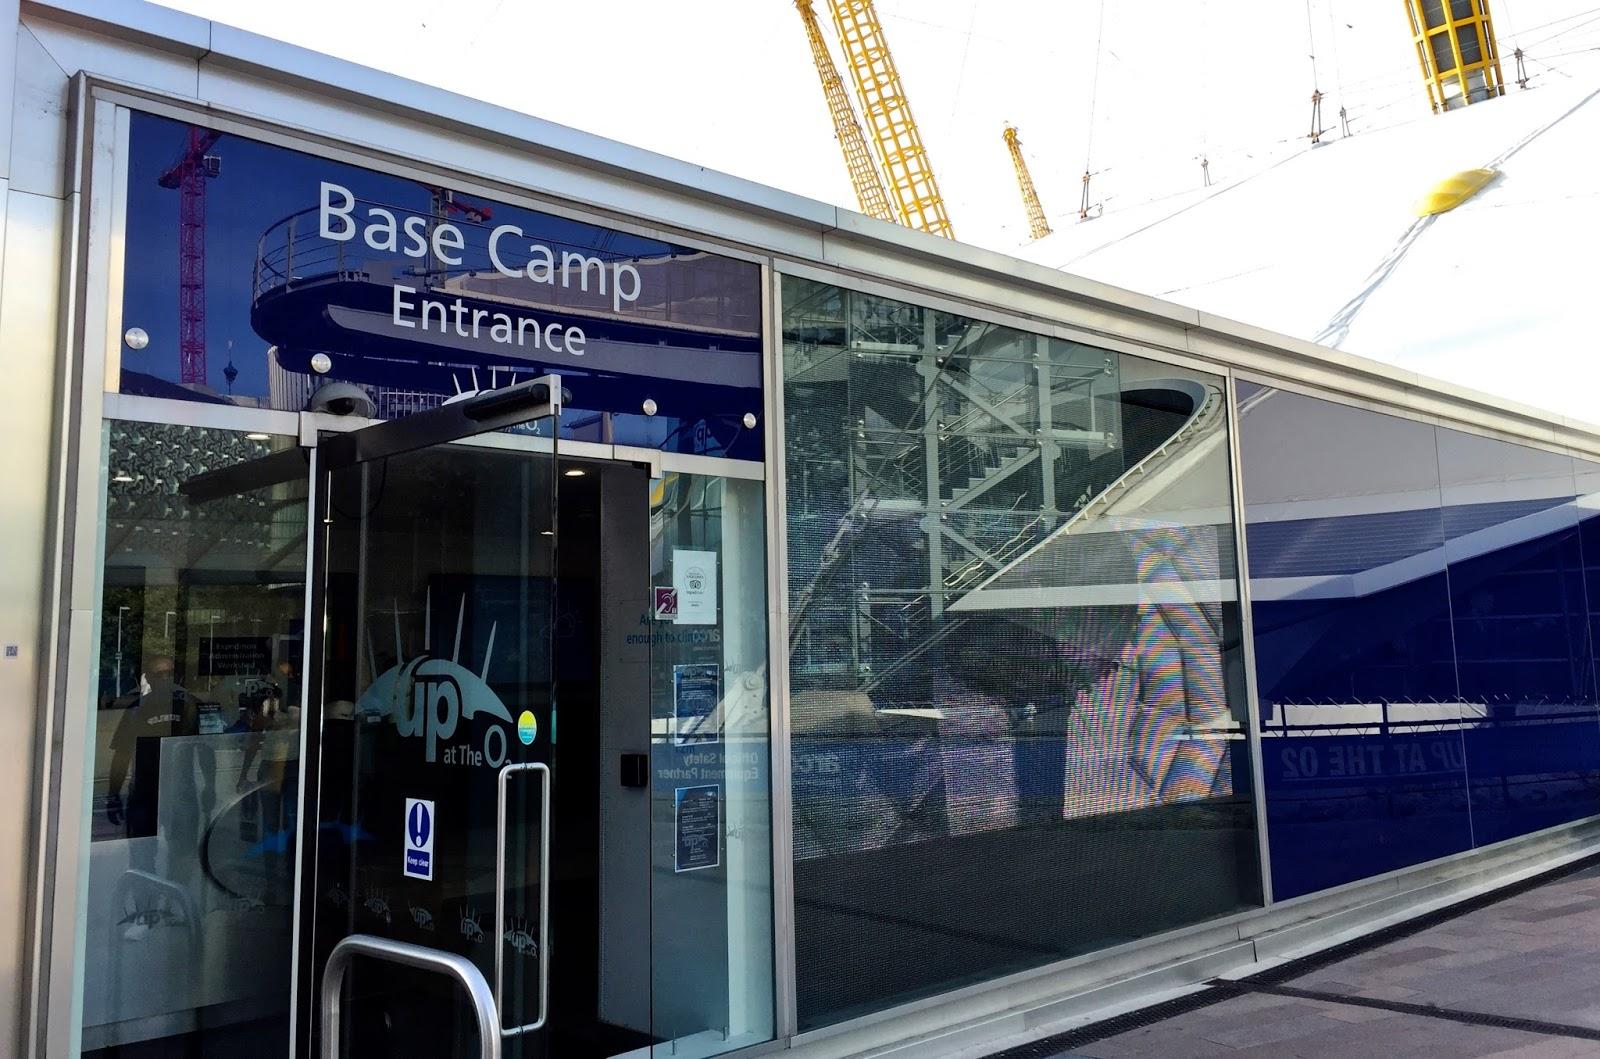 Basecamp at Up at the O2 London